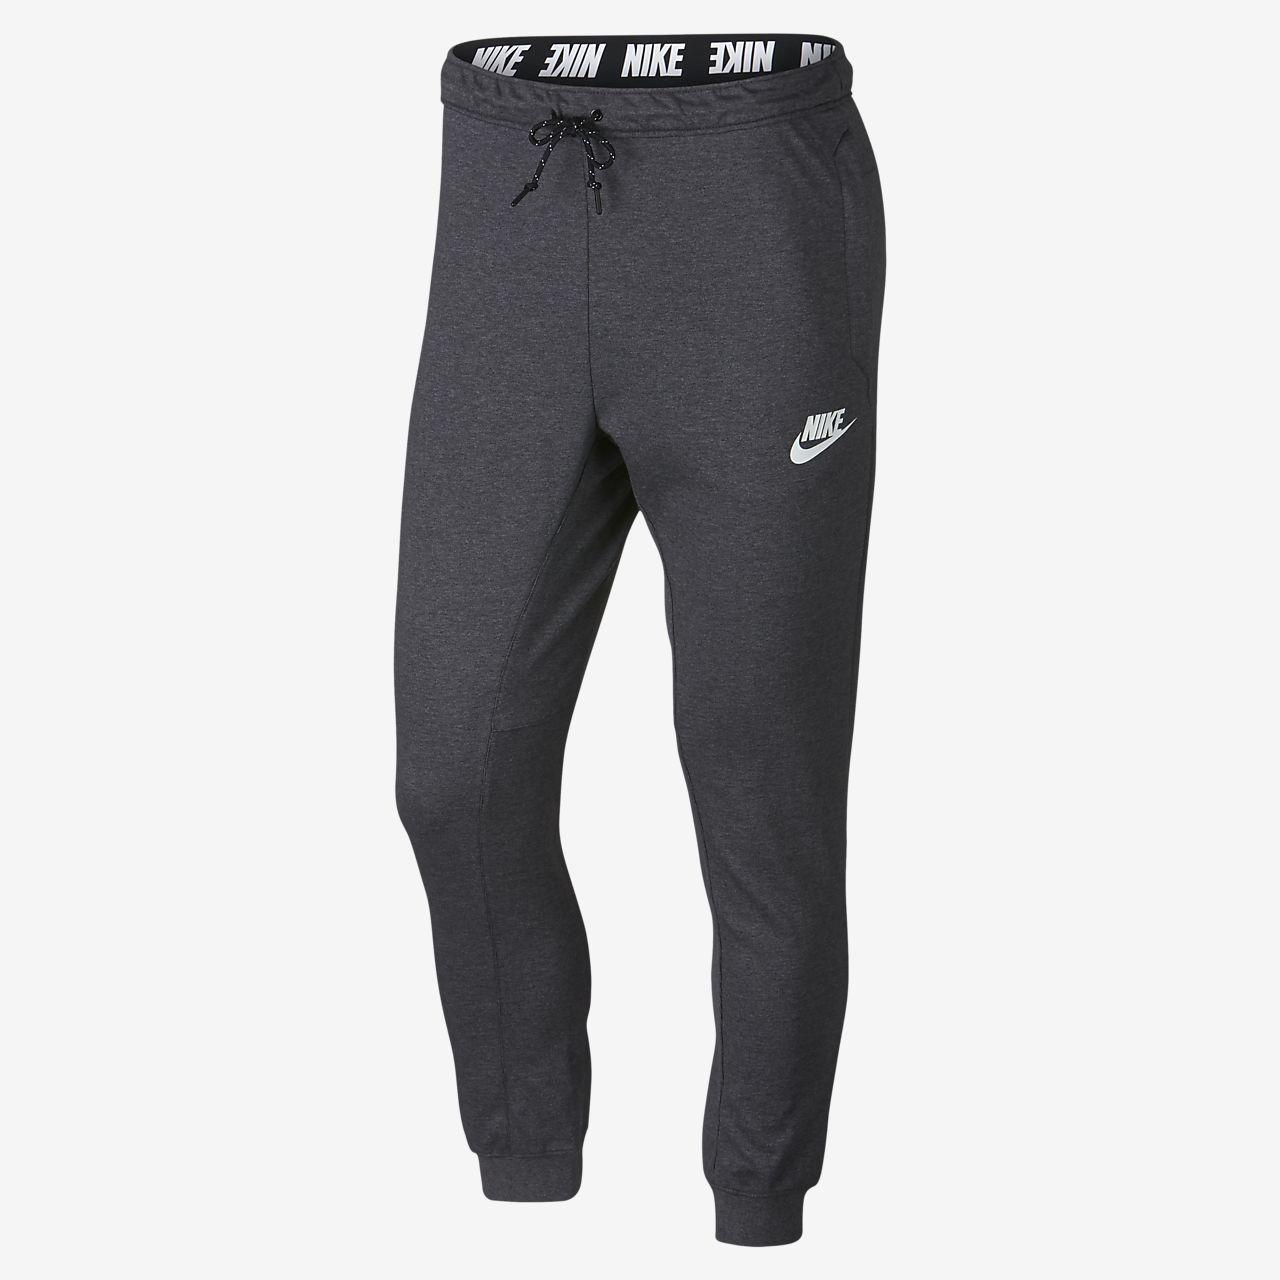 Nike Sportswear Advance 15 Herren Jogginghose